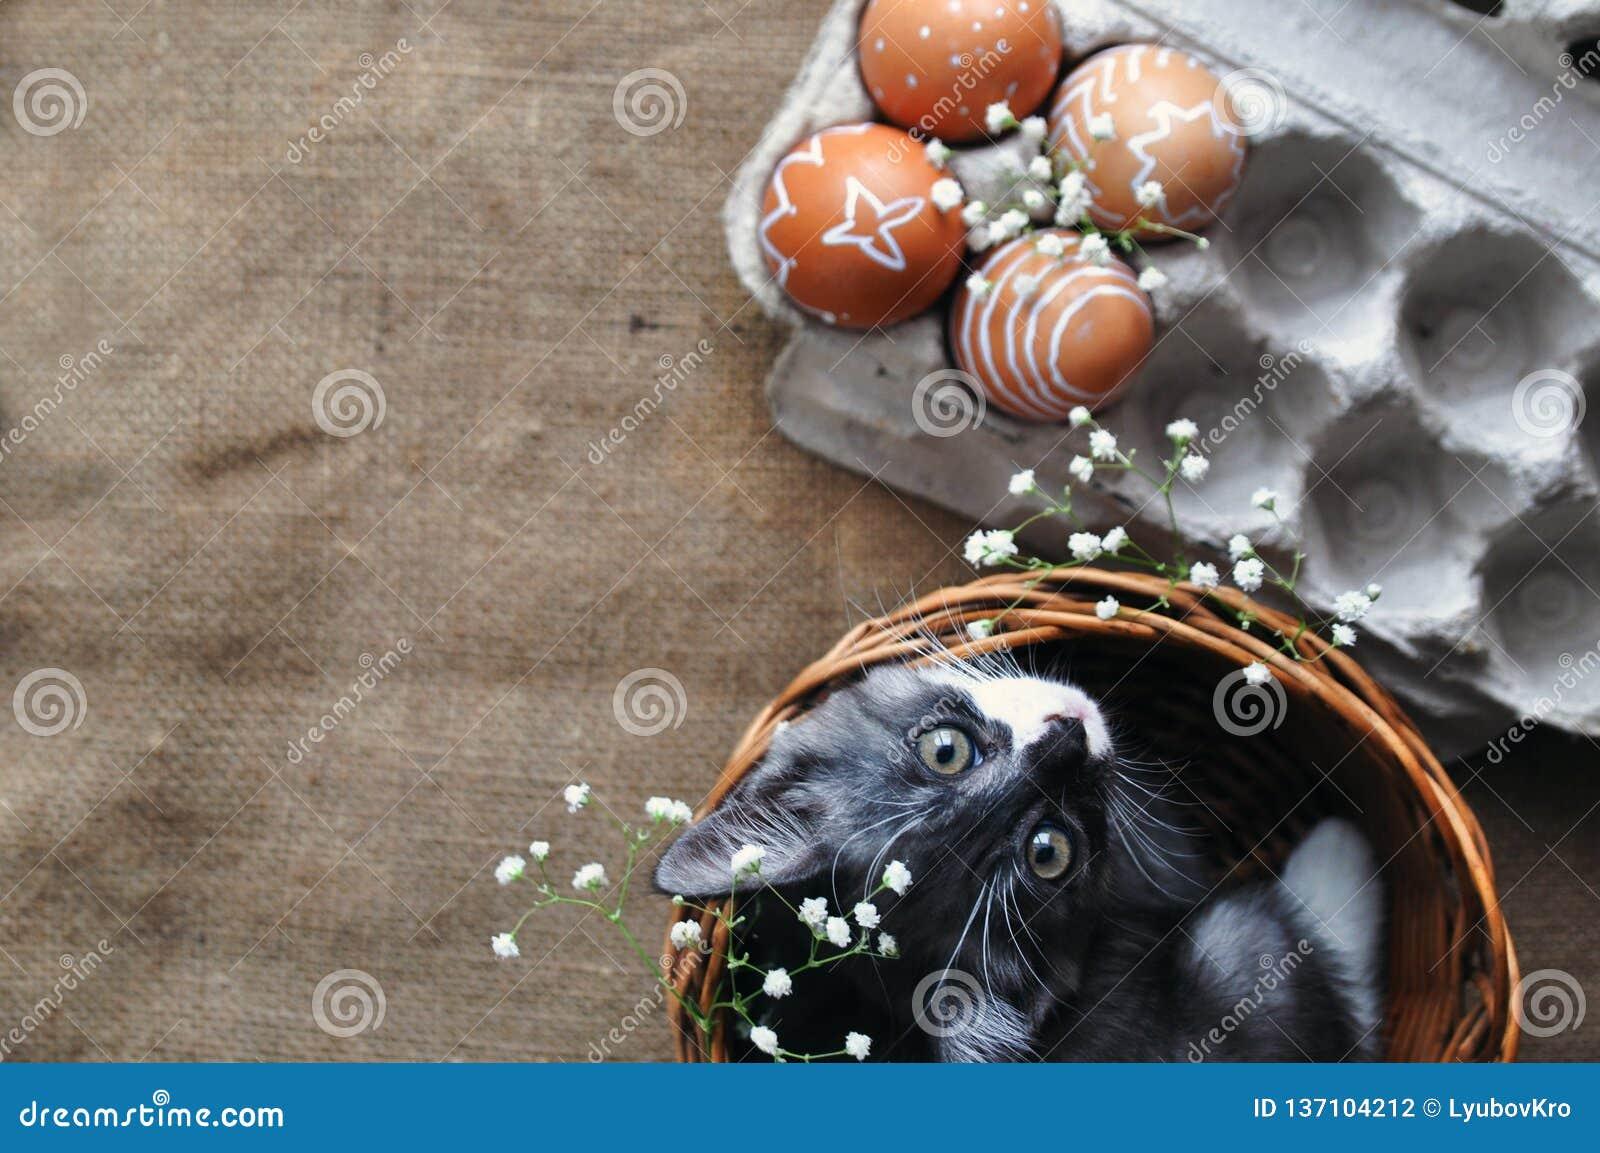 Petit Chaton Gris Mignon Dans Un Panier En Osier Et Oeufs De Pâques